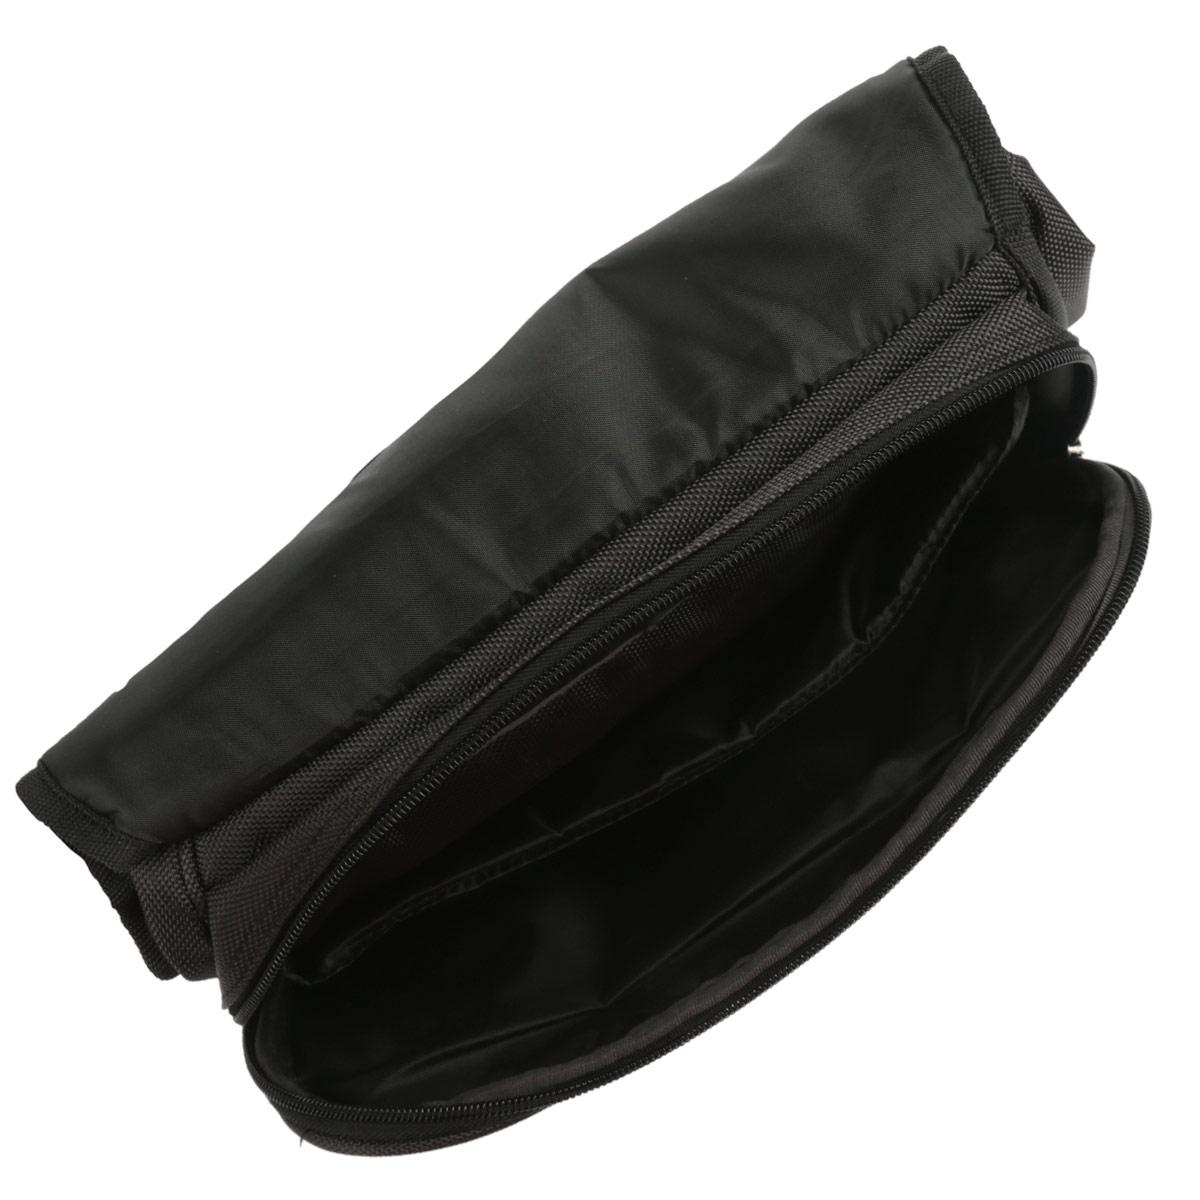 Сумка детская Proff Top Gear выполнена из прочного полиэстера серого цвета. Удобная наплечная сумка содержит одно основное отделение, которое закрывается на застежку-молнию и плотный клапан с липучками. Внутри отделения имеется большой открытый карман. Под клапаном расположился врезной карман на застежке-молнии. Одна из стенок сумки дополнена вторым врезным карманом на застежке-молнии. Сумка имеет одну широкую лямку для переноски на плече. Лямка легко регулируется по длине. Оригинальная эргономичная конструкция сумки плавно повторяет форму тела, не мешает ходьбе и бегу. Прочную и вместительную сумку Top Gear можно использовать для повседневных прогулок и отдыха.